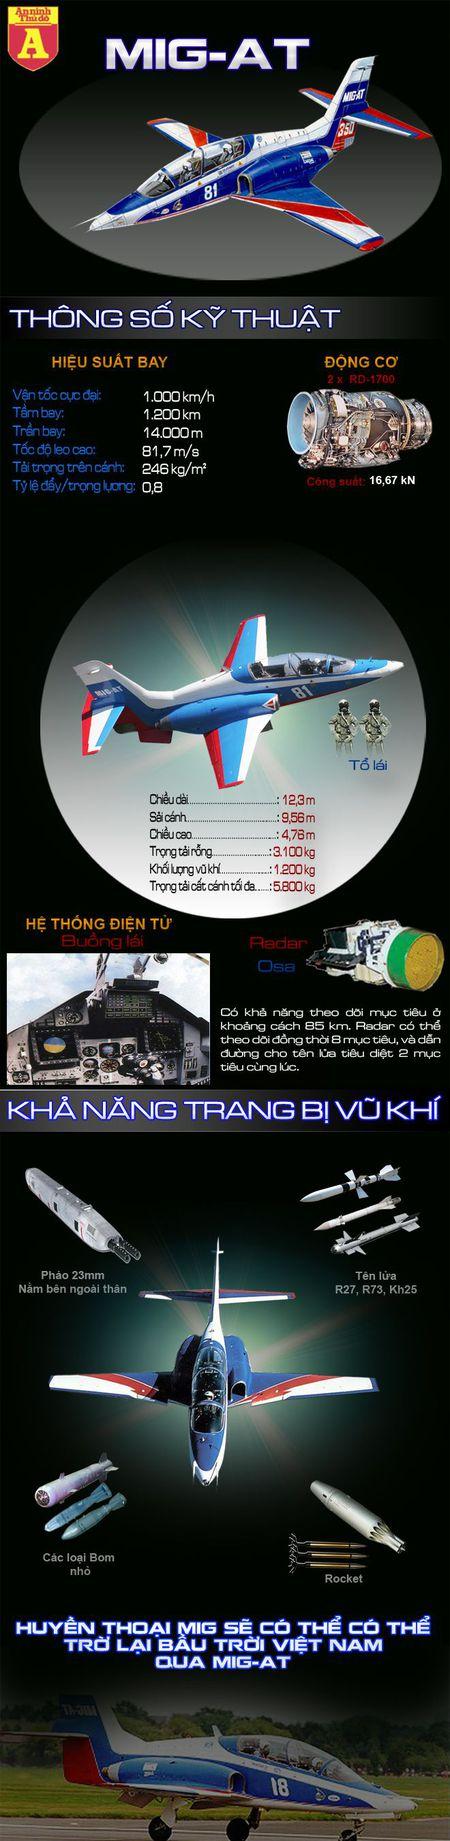 Viet Nam se quay lai huyen thoai MiG khi lua chon may bay huan luyen? - Anh 2